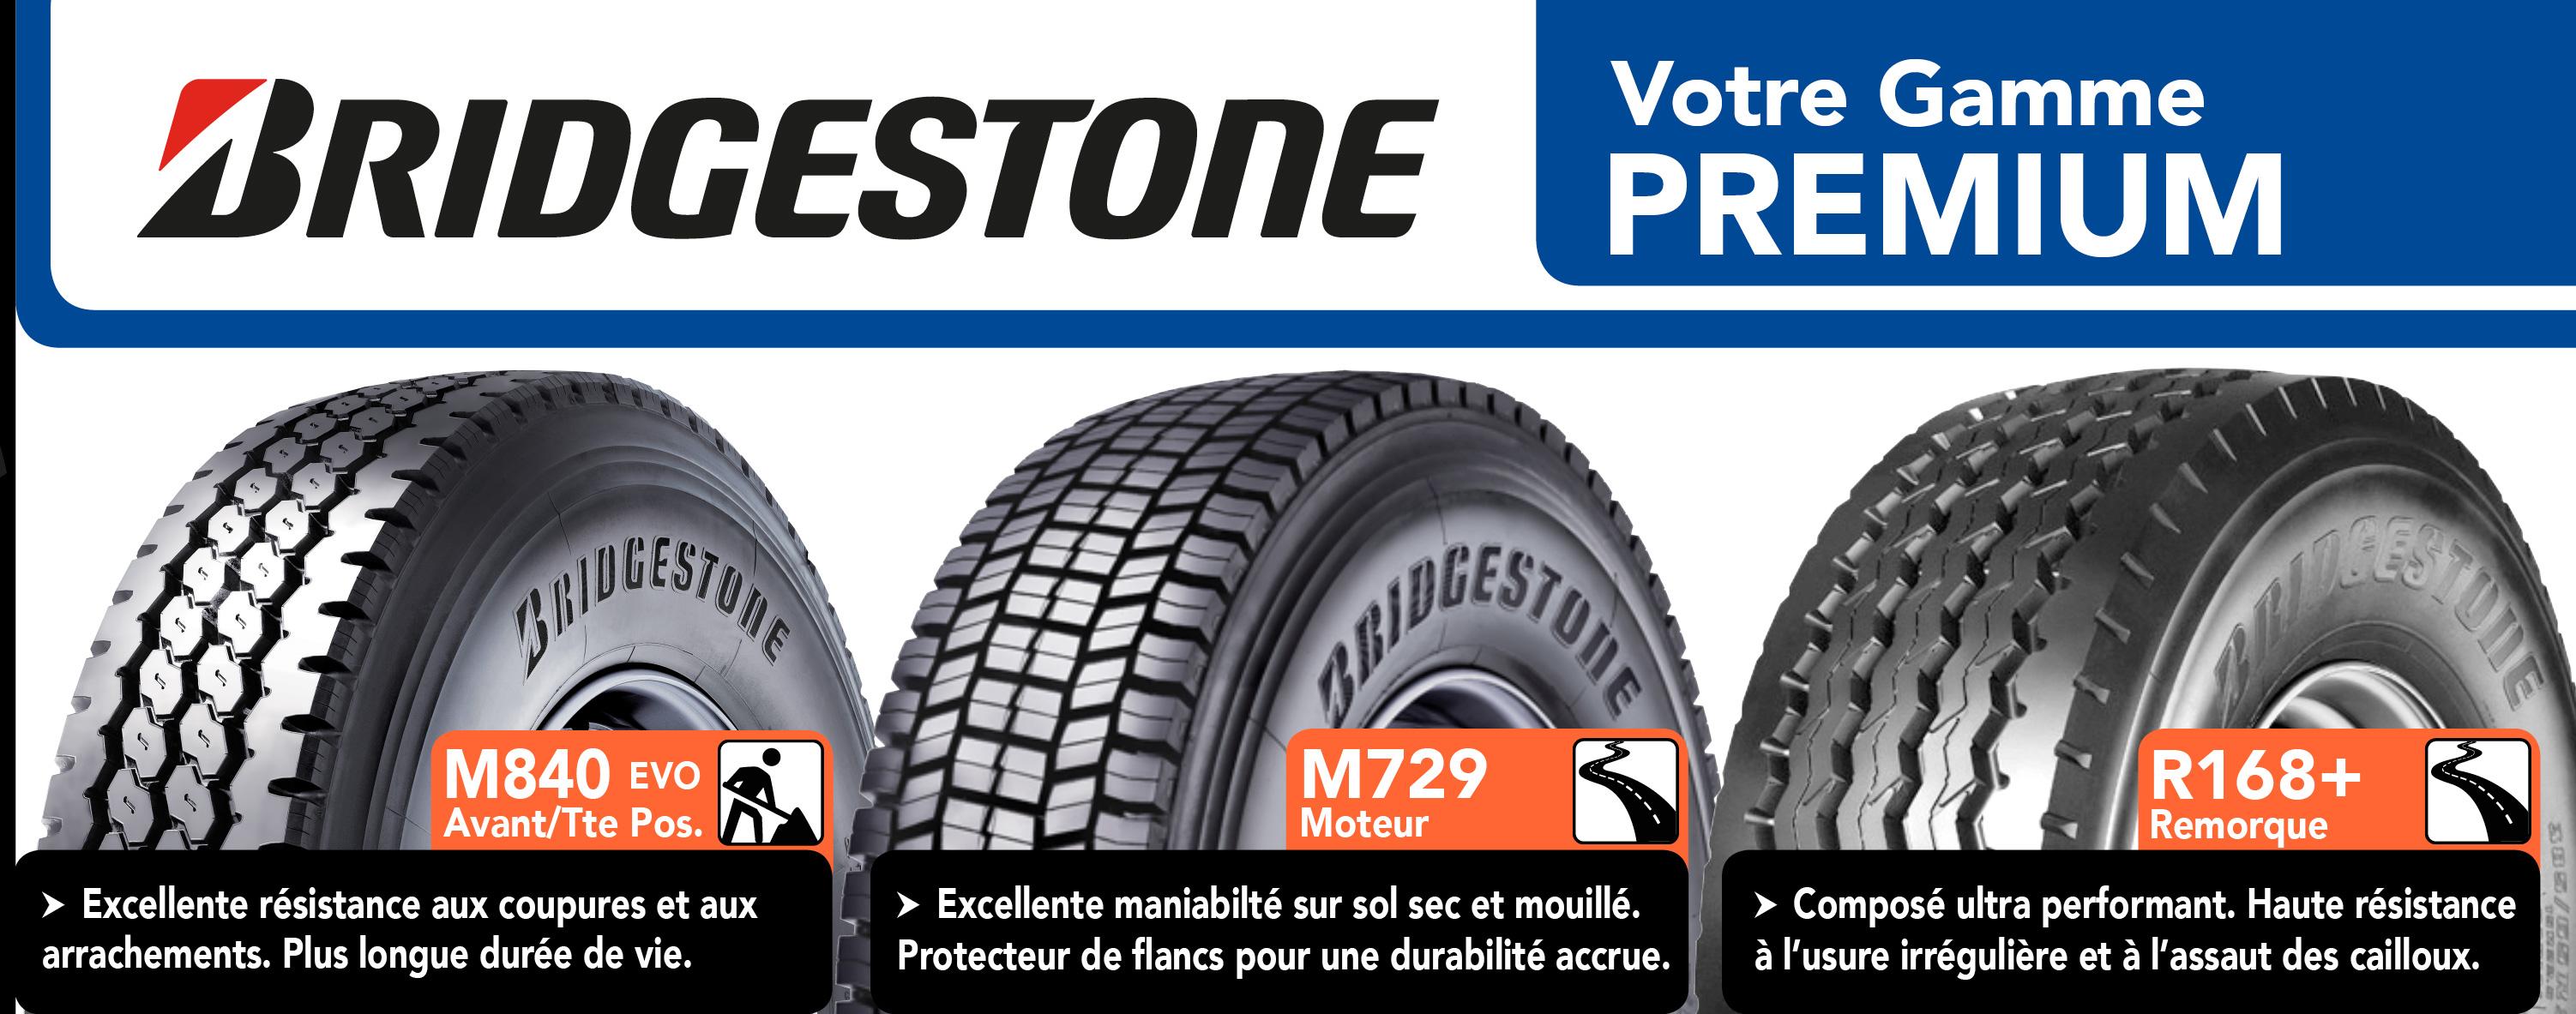 Pneus Poids Lourds Bridgestone droite bandeau